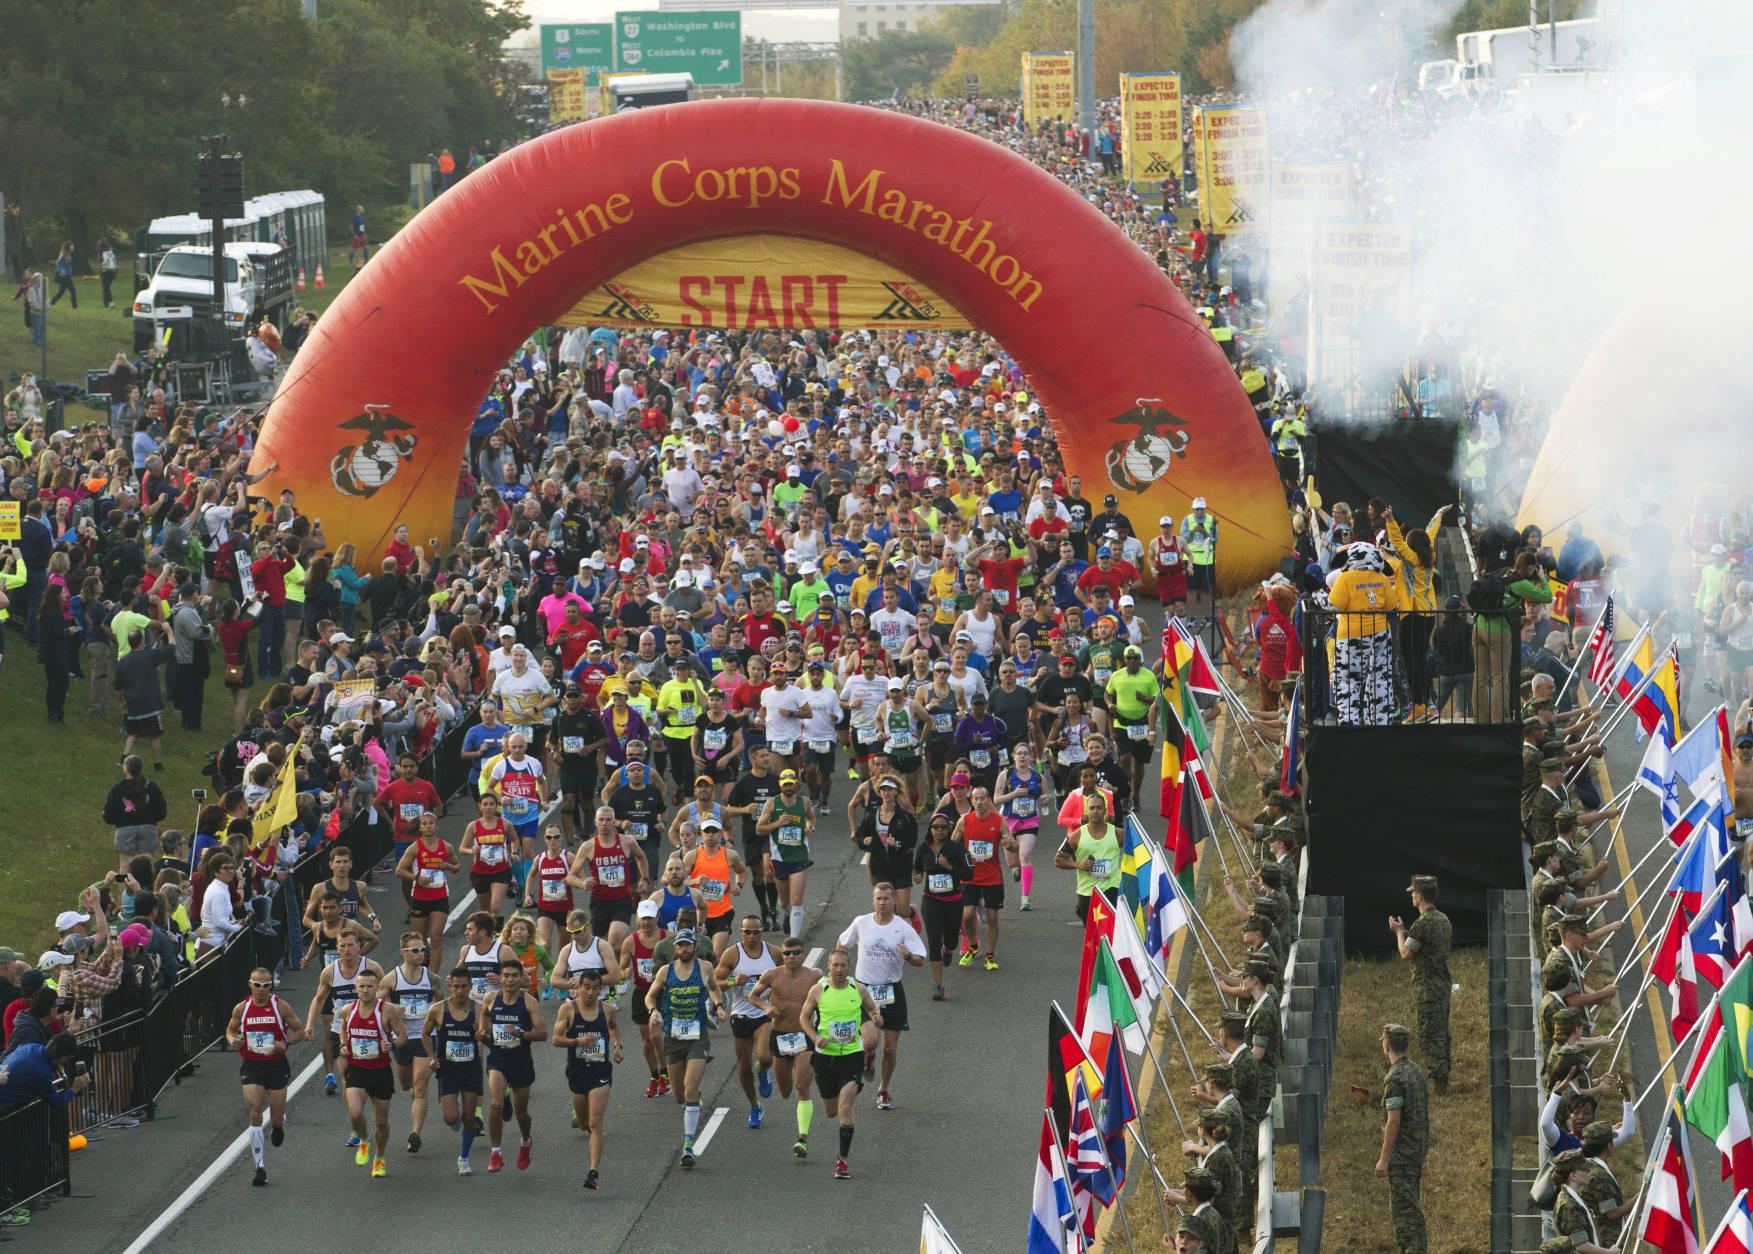 Runners start the 41st Marine Corps Marathon, Sunday, Oct. 30, 2016, in Arlington, Va. (AP Photo/Jose Luis Magana)